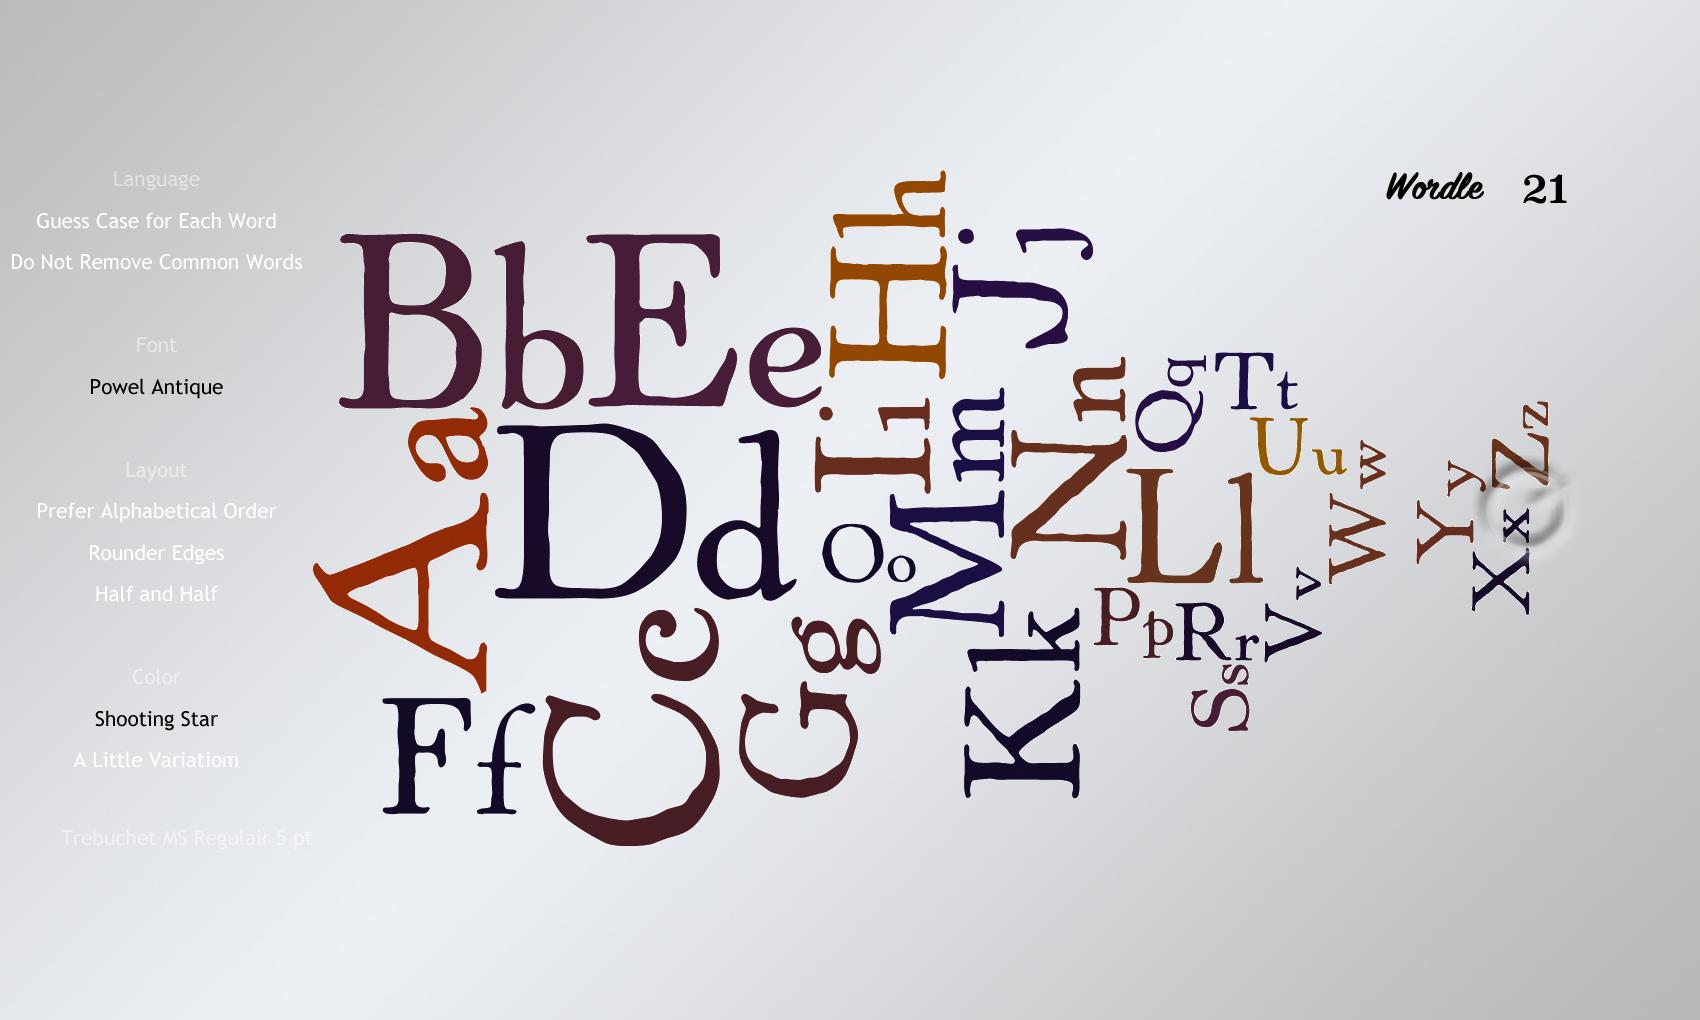 Wordle21 Powel Antique